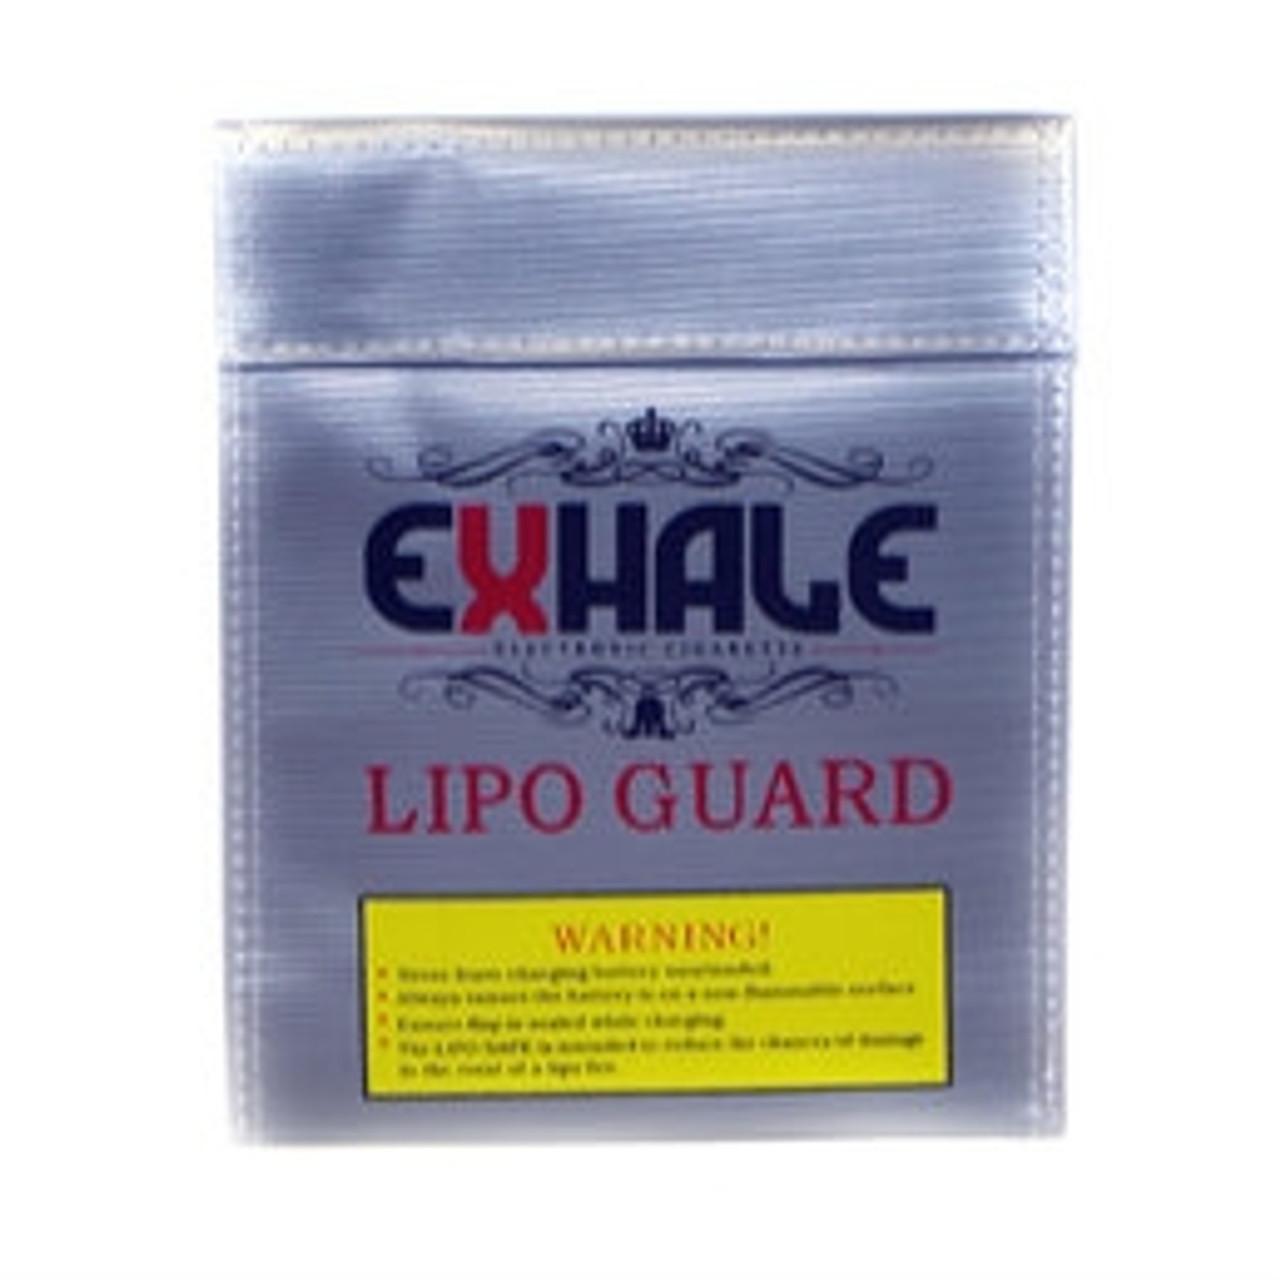 LiPo Guard Safety Charging Bag